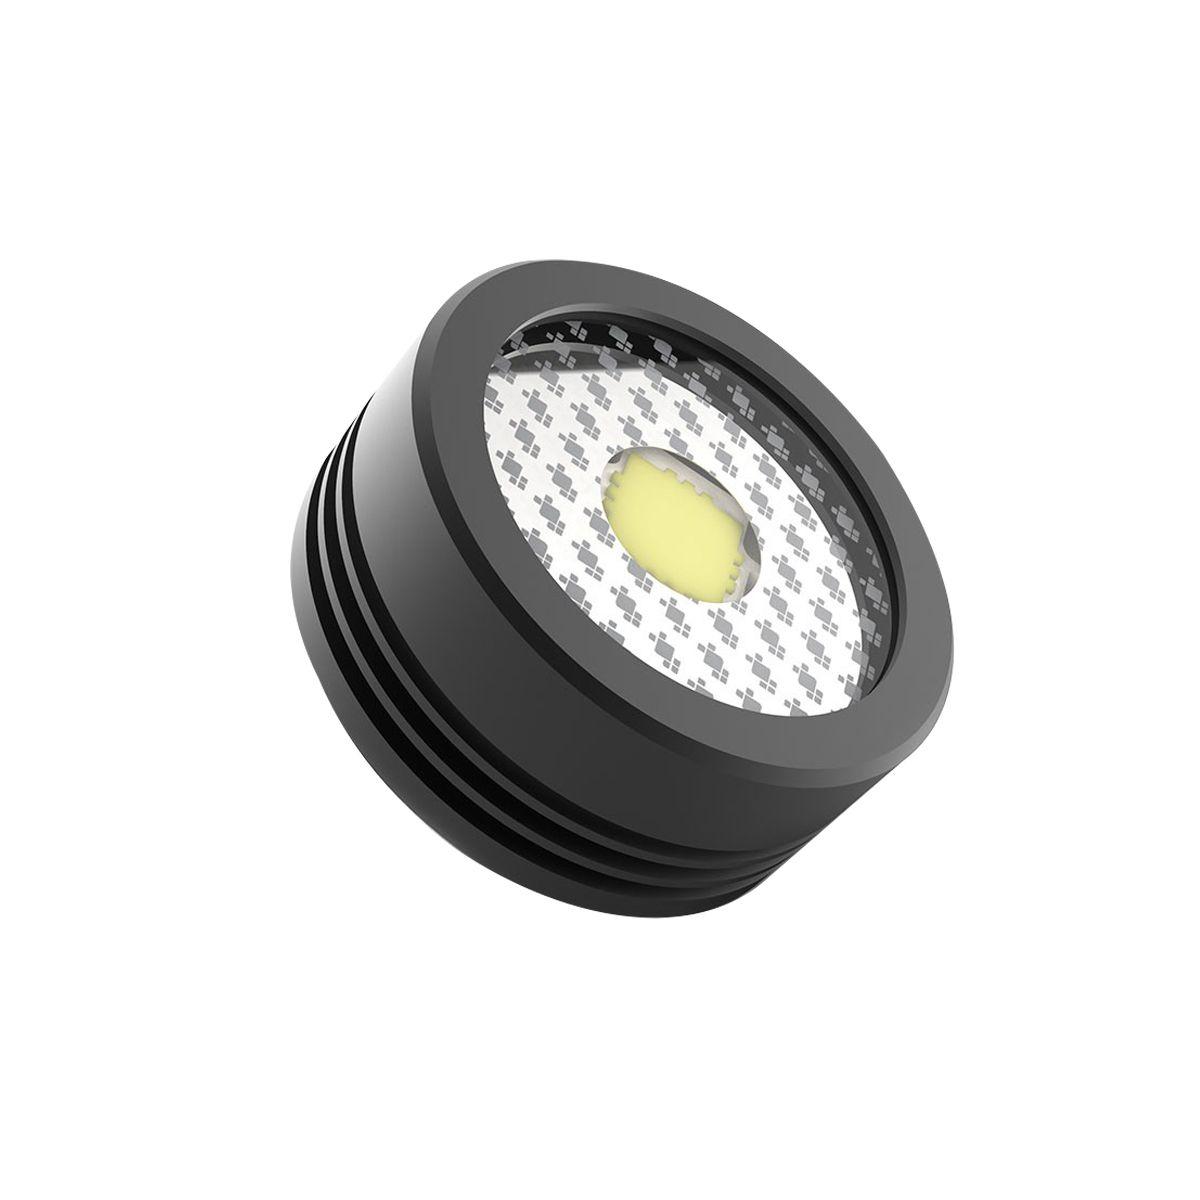 Luminária LED Para Lagos  Branco Frio Cubos 10w + Fonte Bivolt